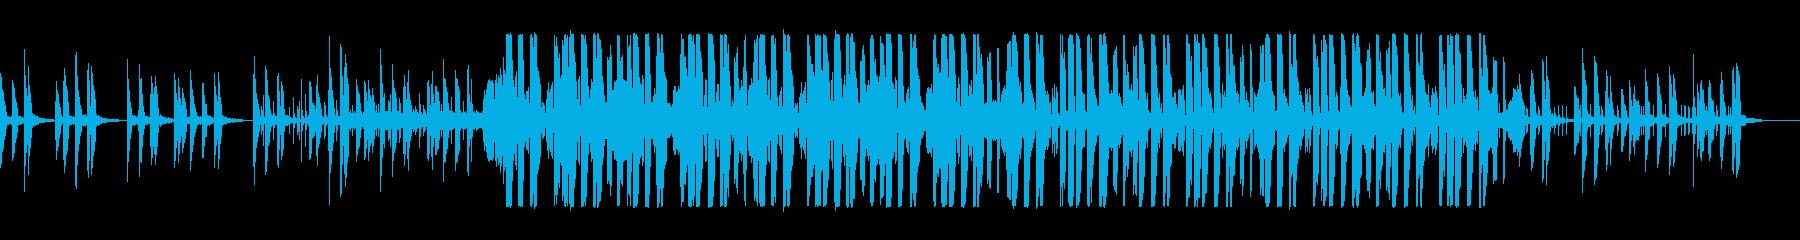 デジタルシンセのエレクトロポップスの再生済みの波形